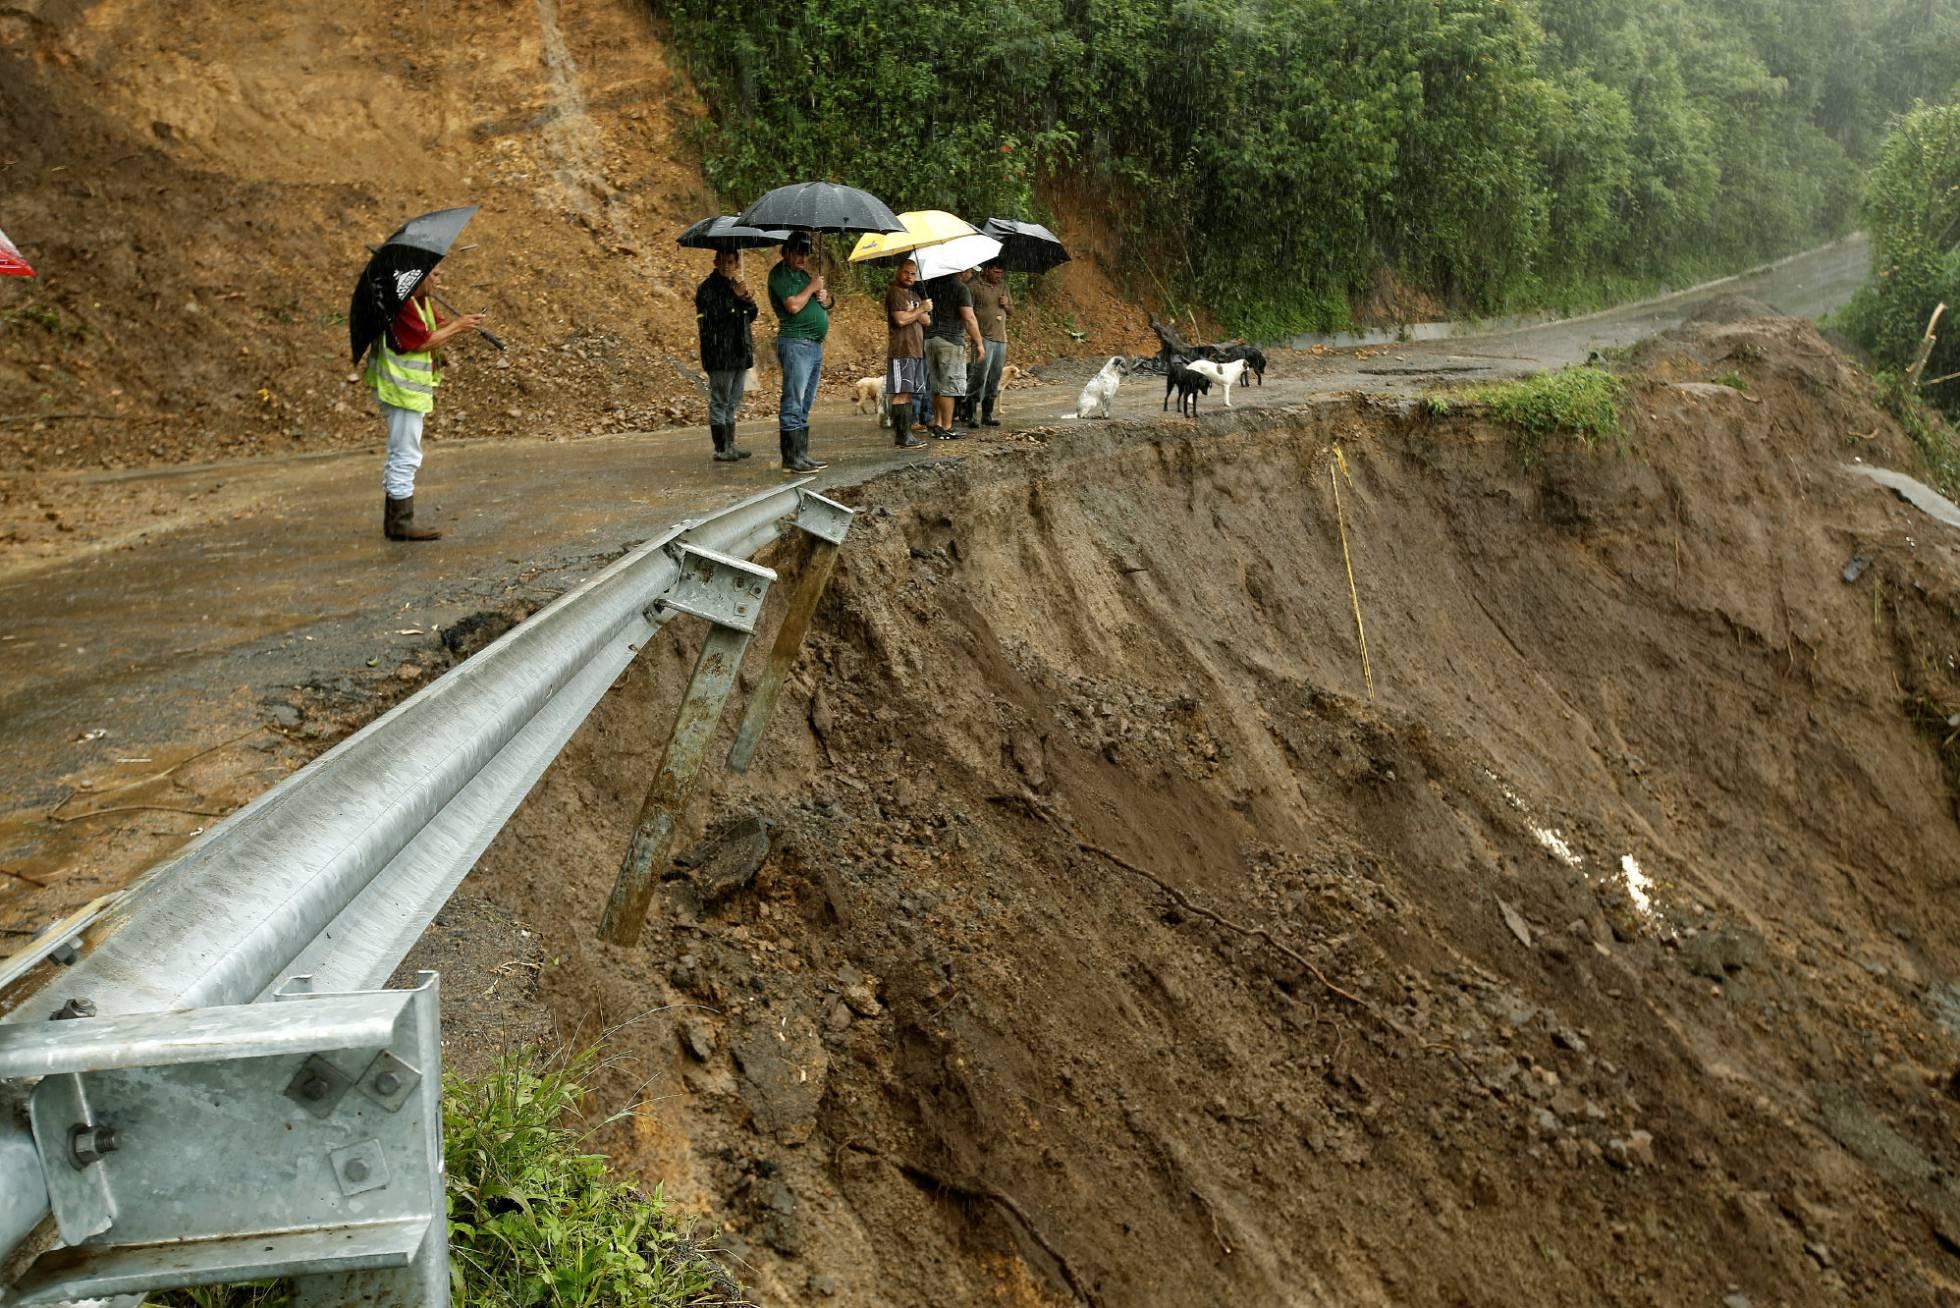 1 carretera destrozada costa rica